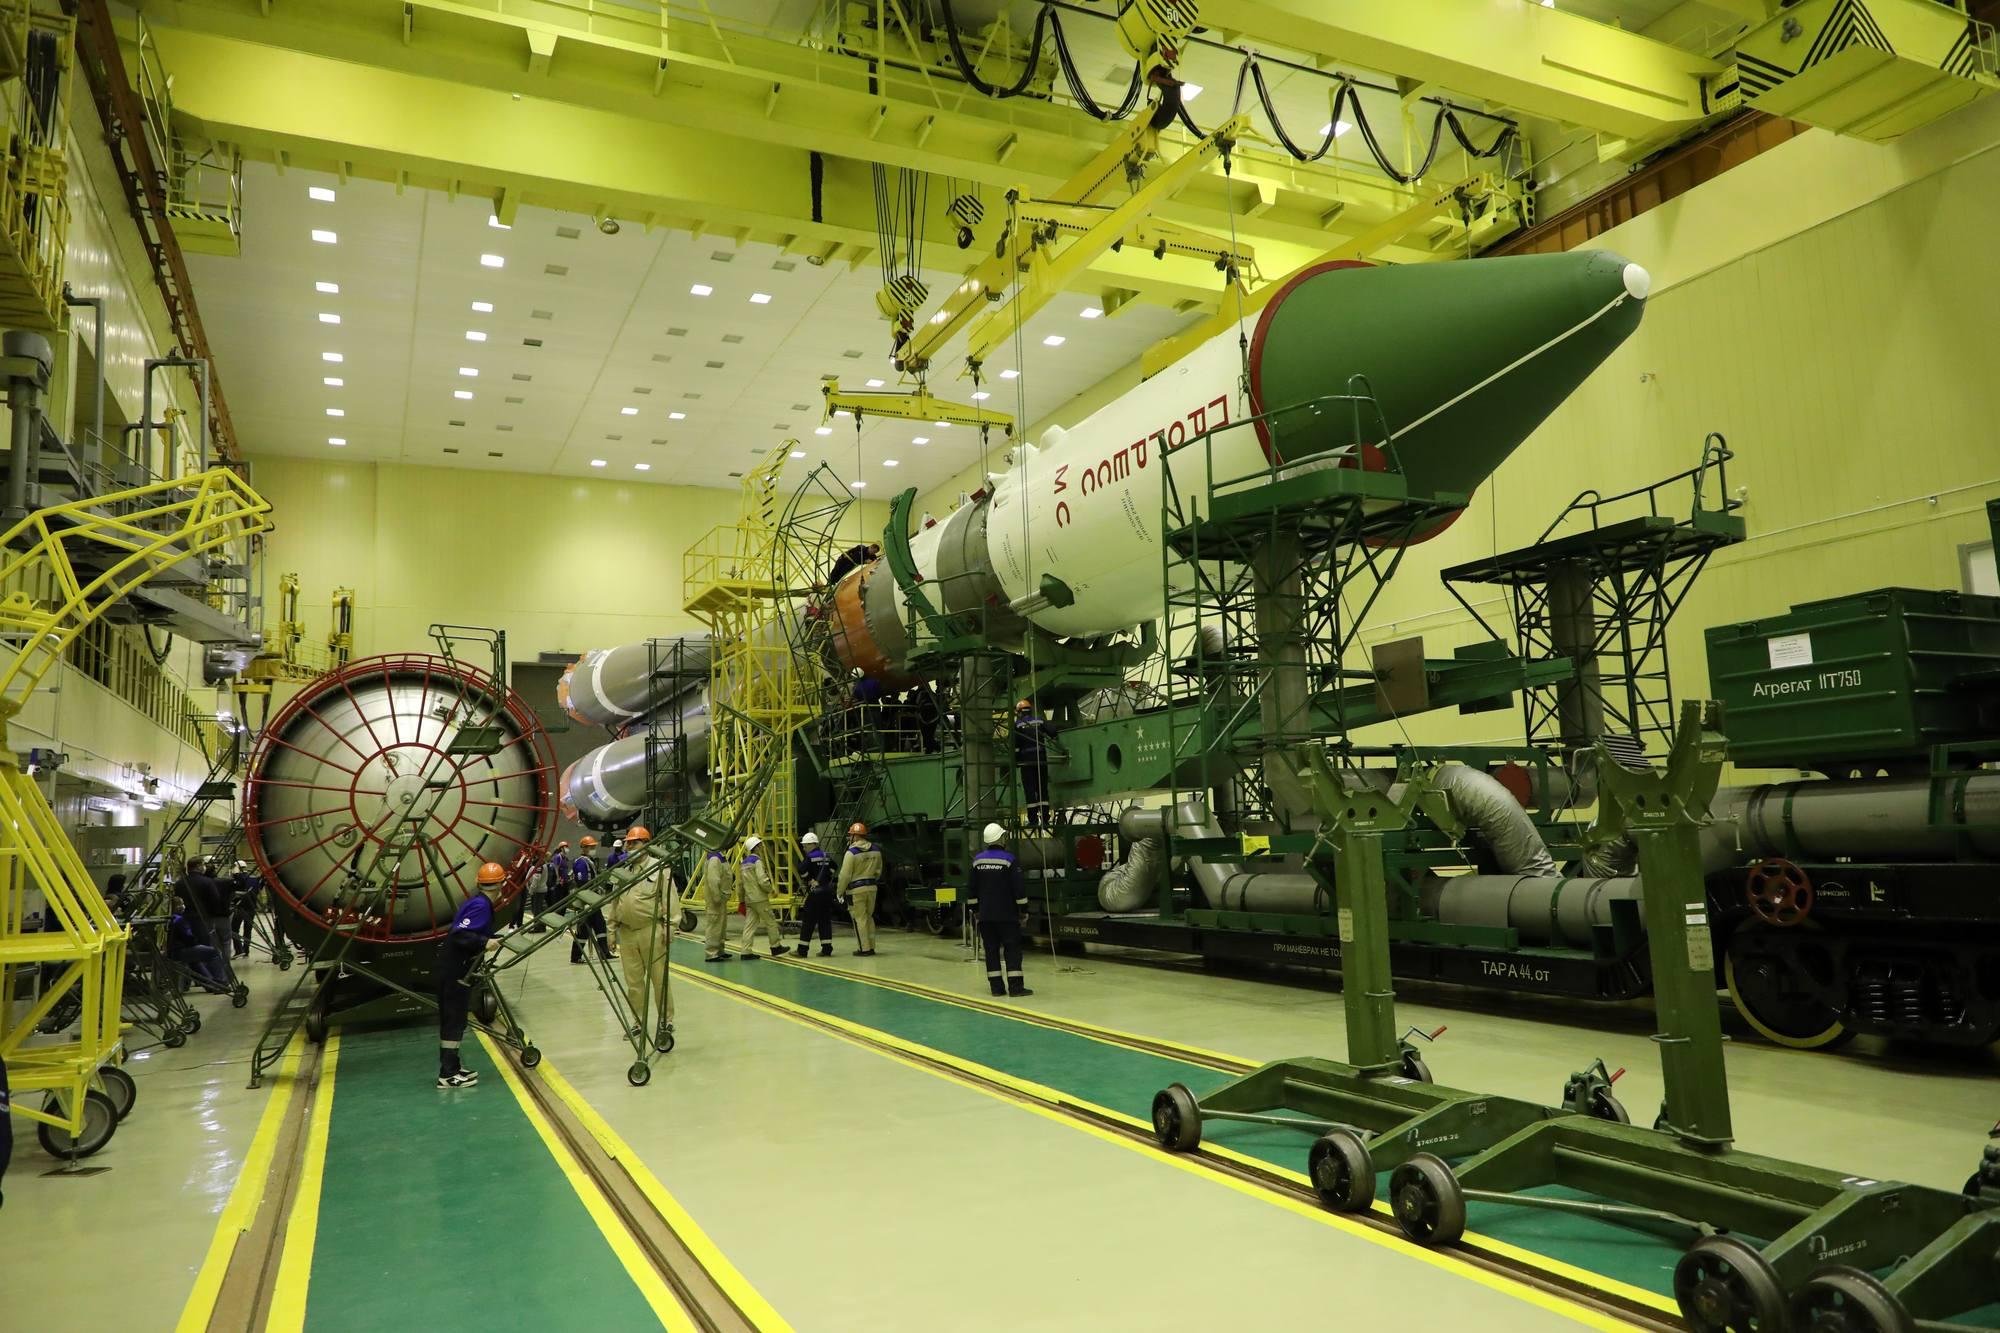 Les deux parties de la fusée sont maintenant dans le même axe.